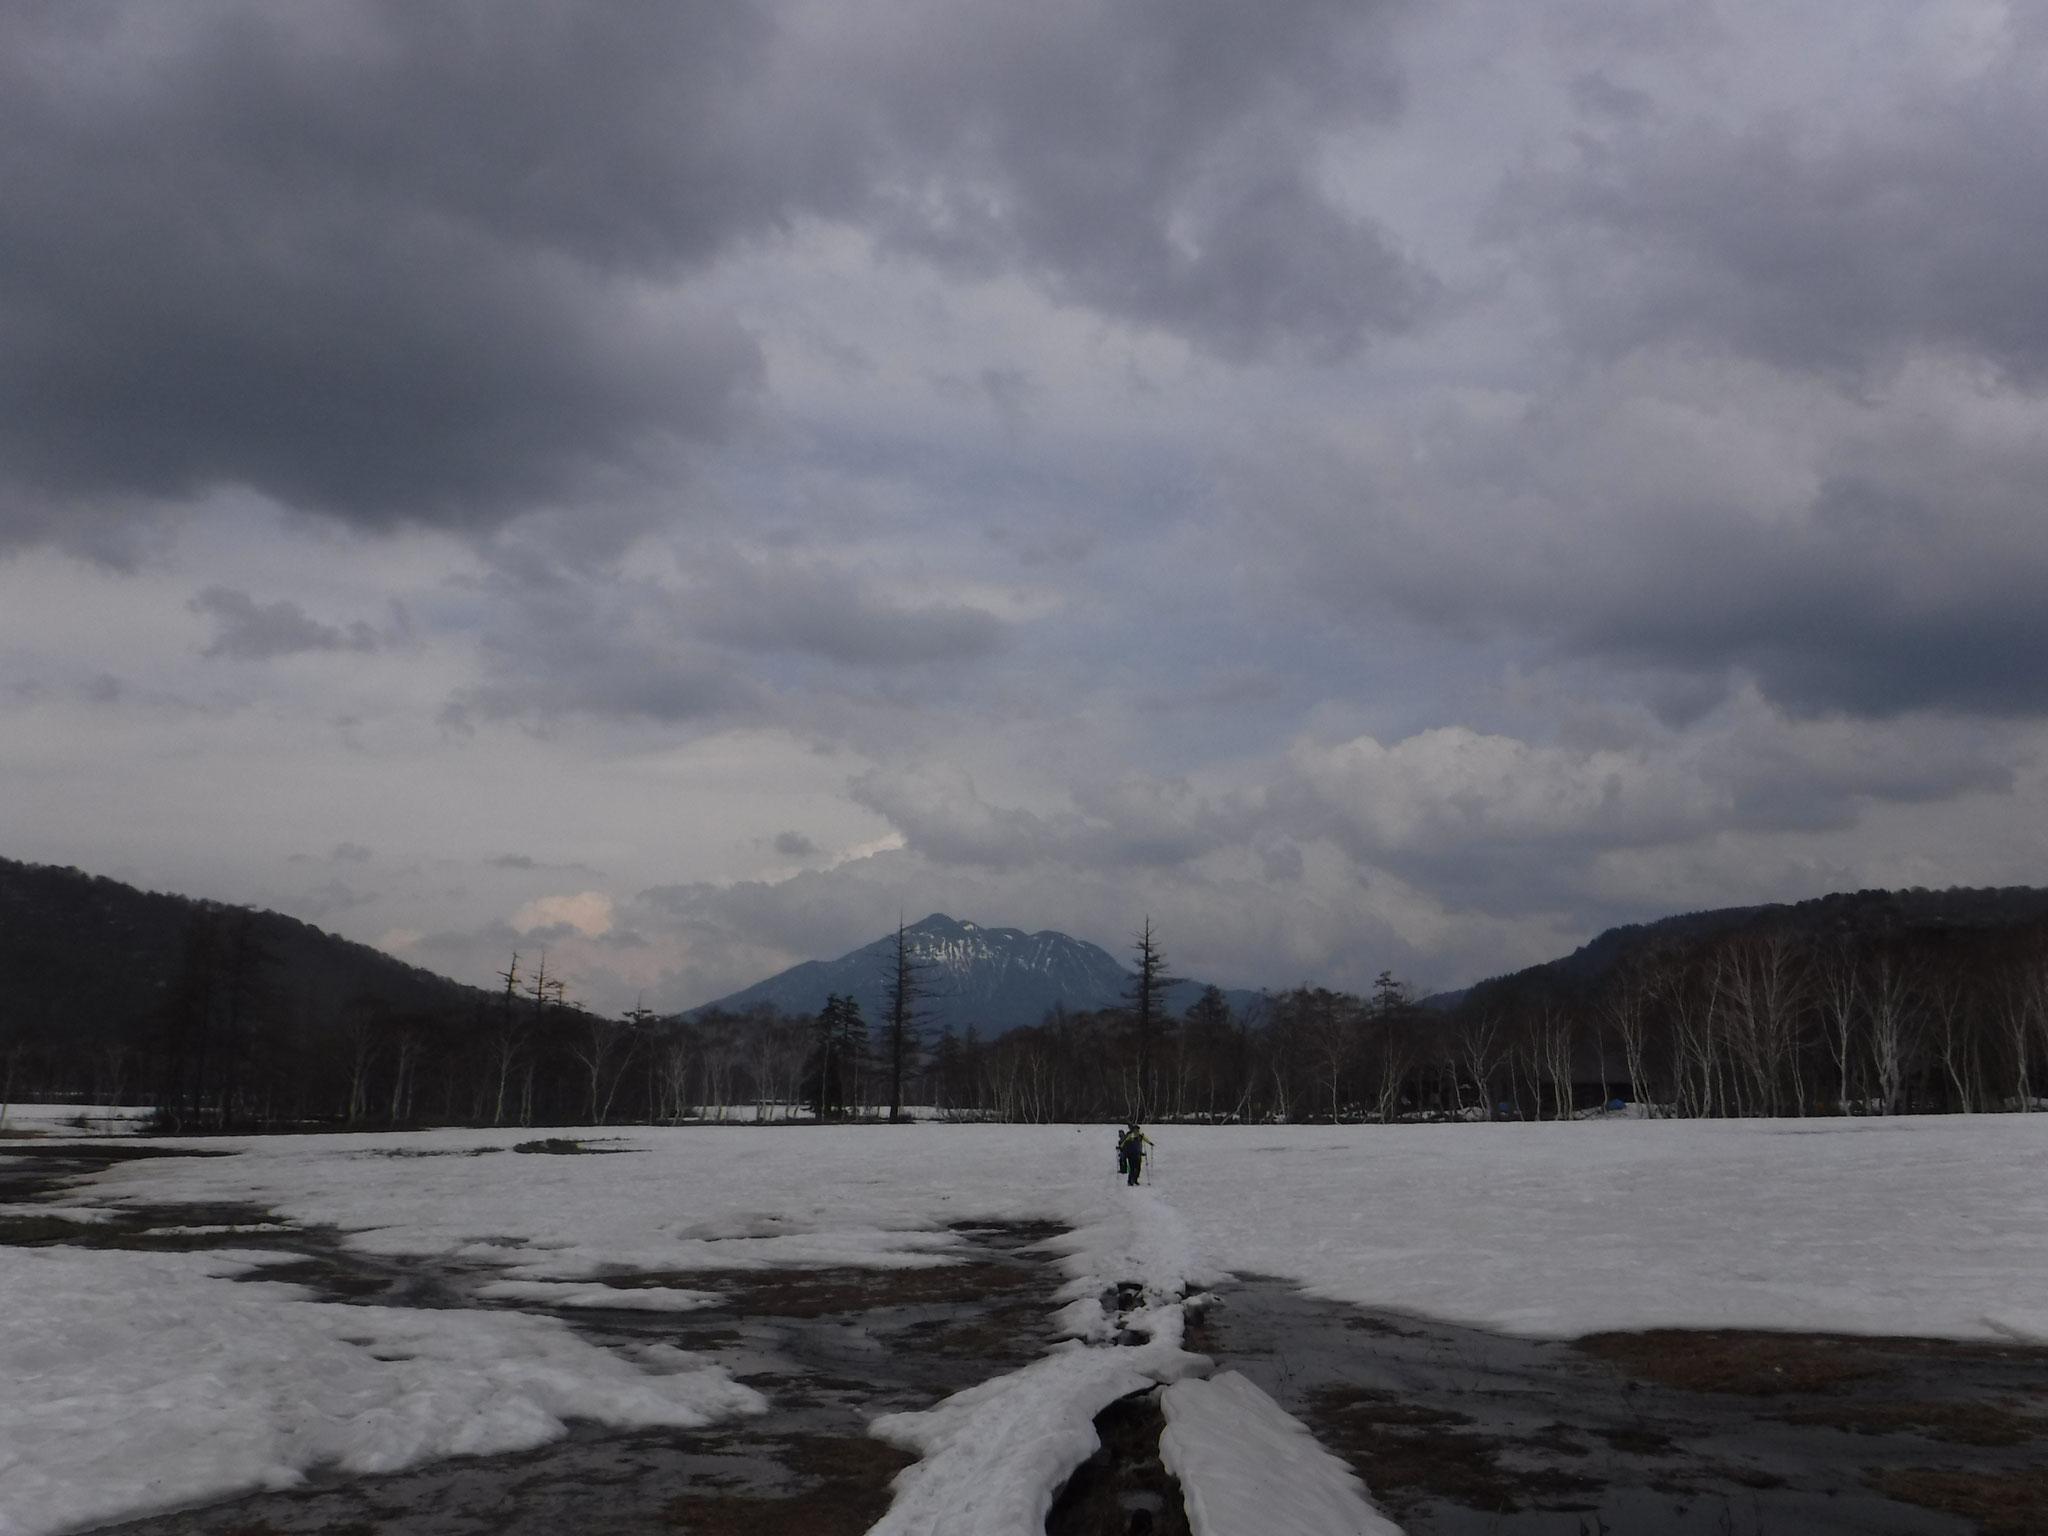 15:10 山ノ鼻、木道上にかろうじて雪が残っている